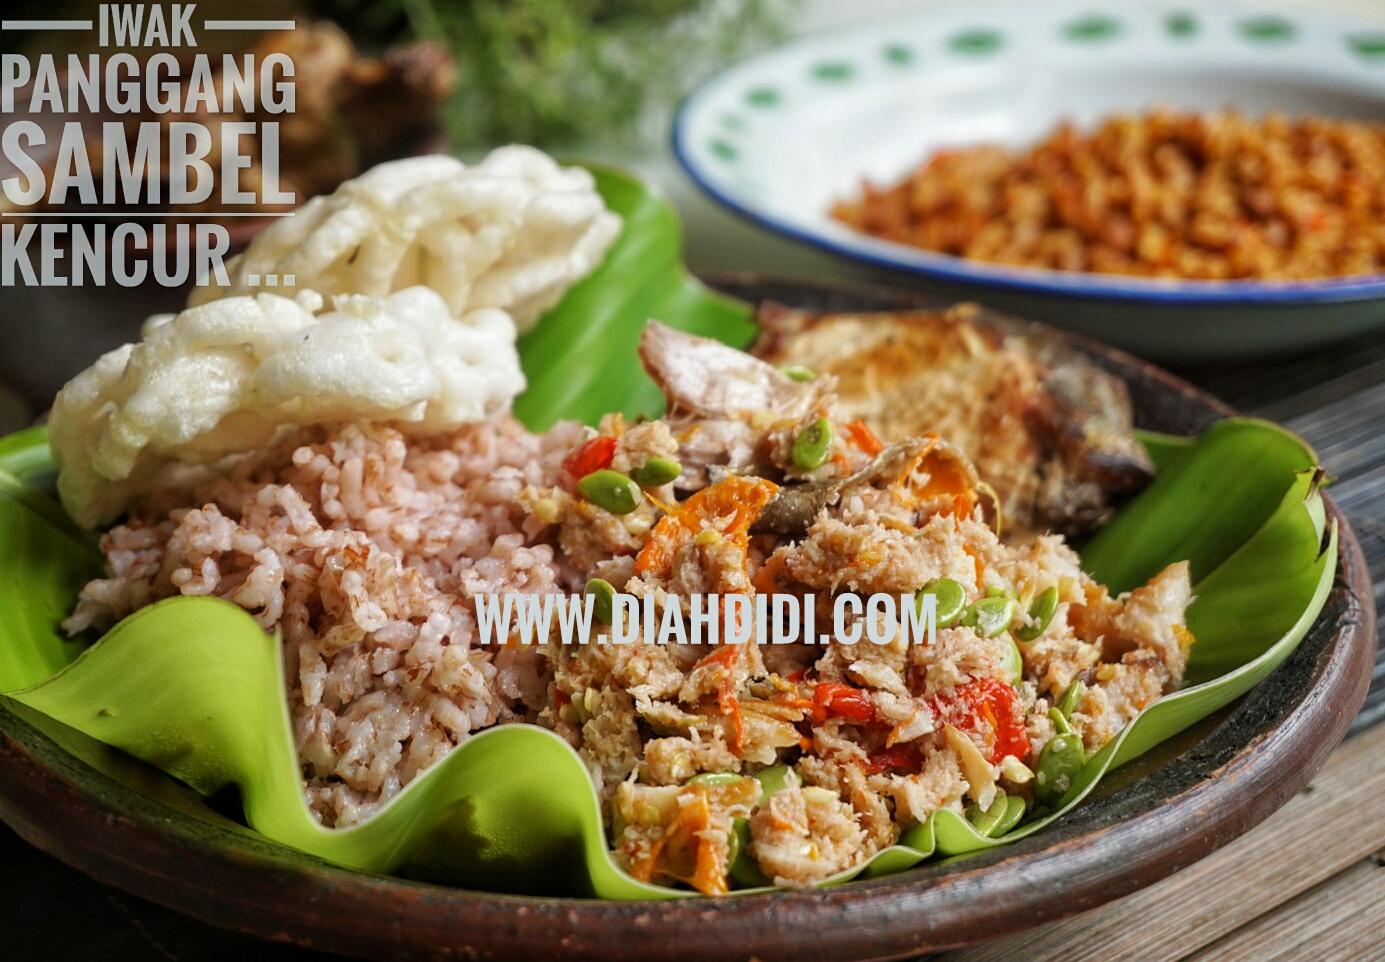 Diah Didi S Kitchen Iwak Panggang Sambel Kencur